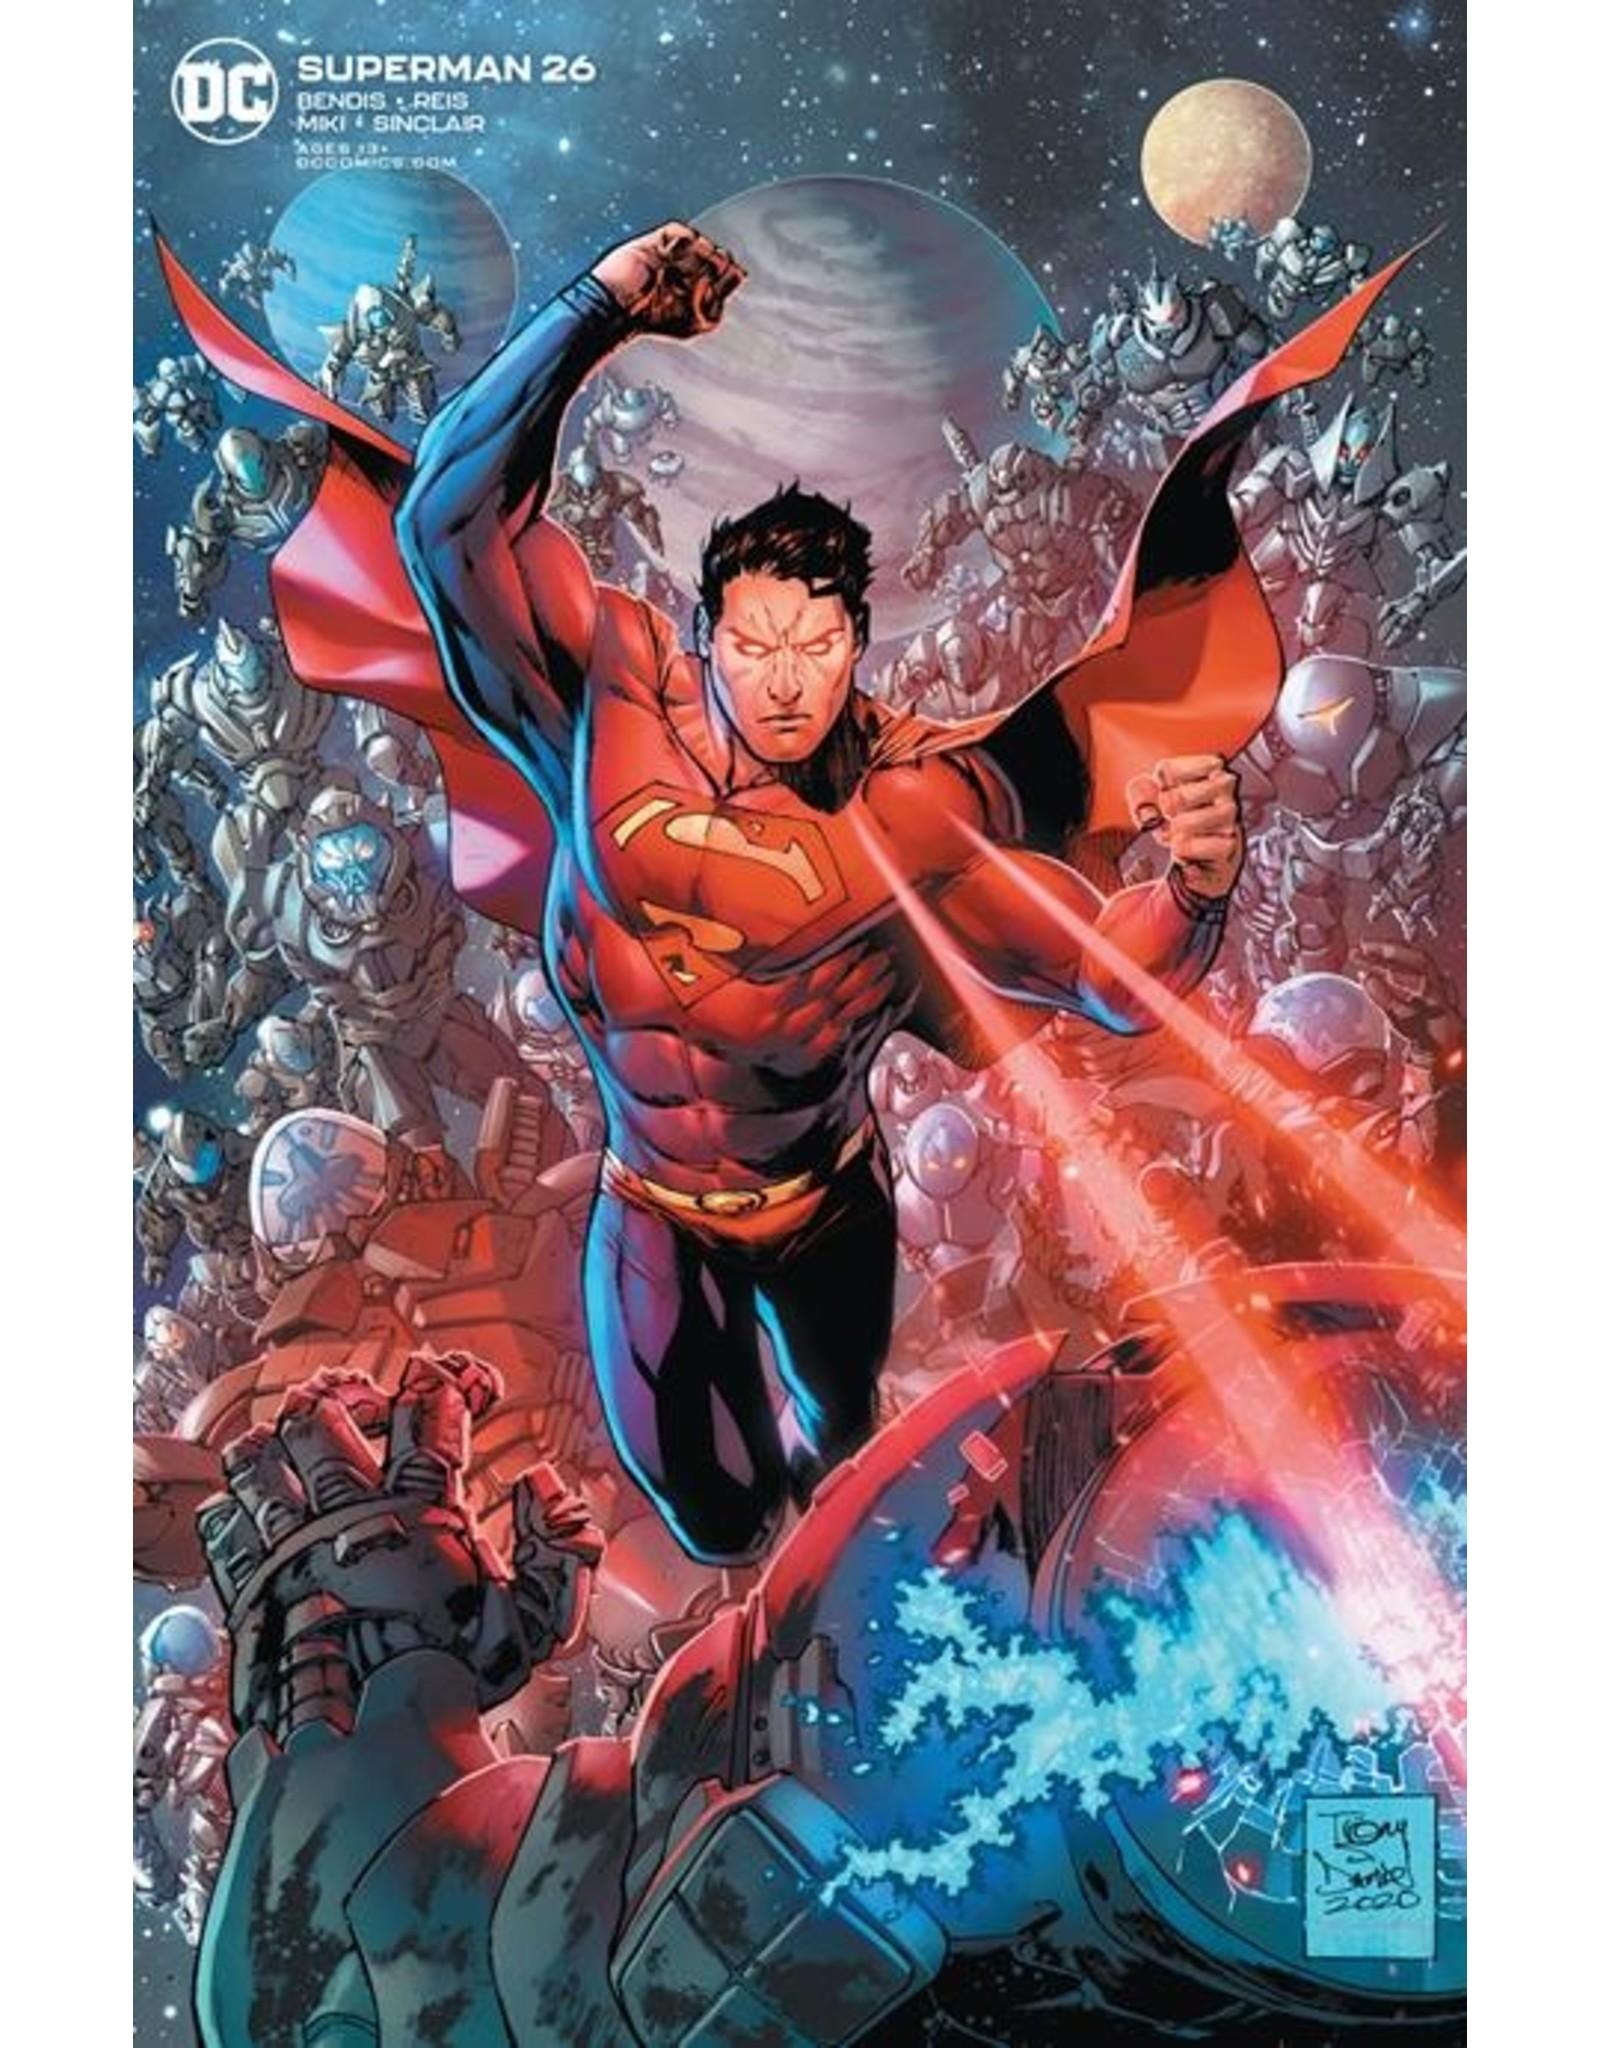 DC COMICS SUPERMAN #26 CVR B TONY S DANIEL VAR